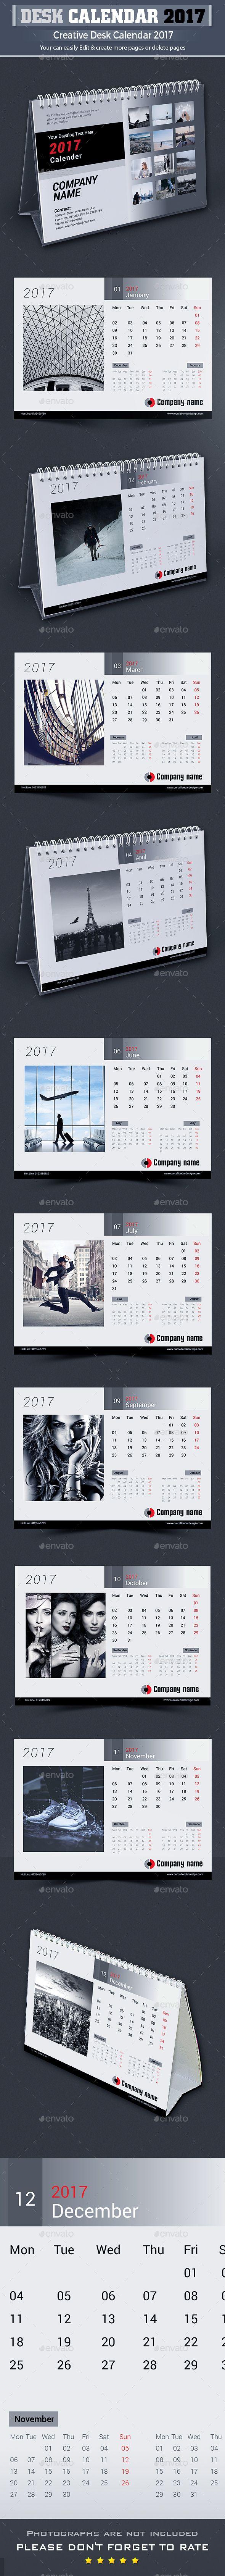 Desk Calendar 2017 Template InDesign INDD